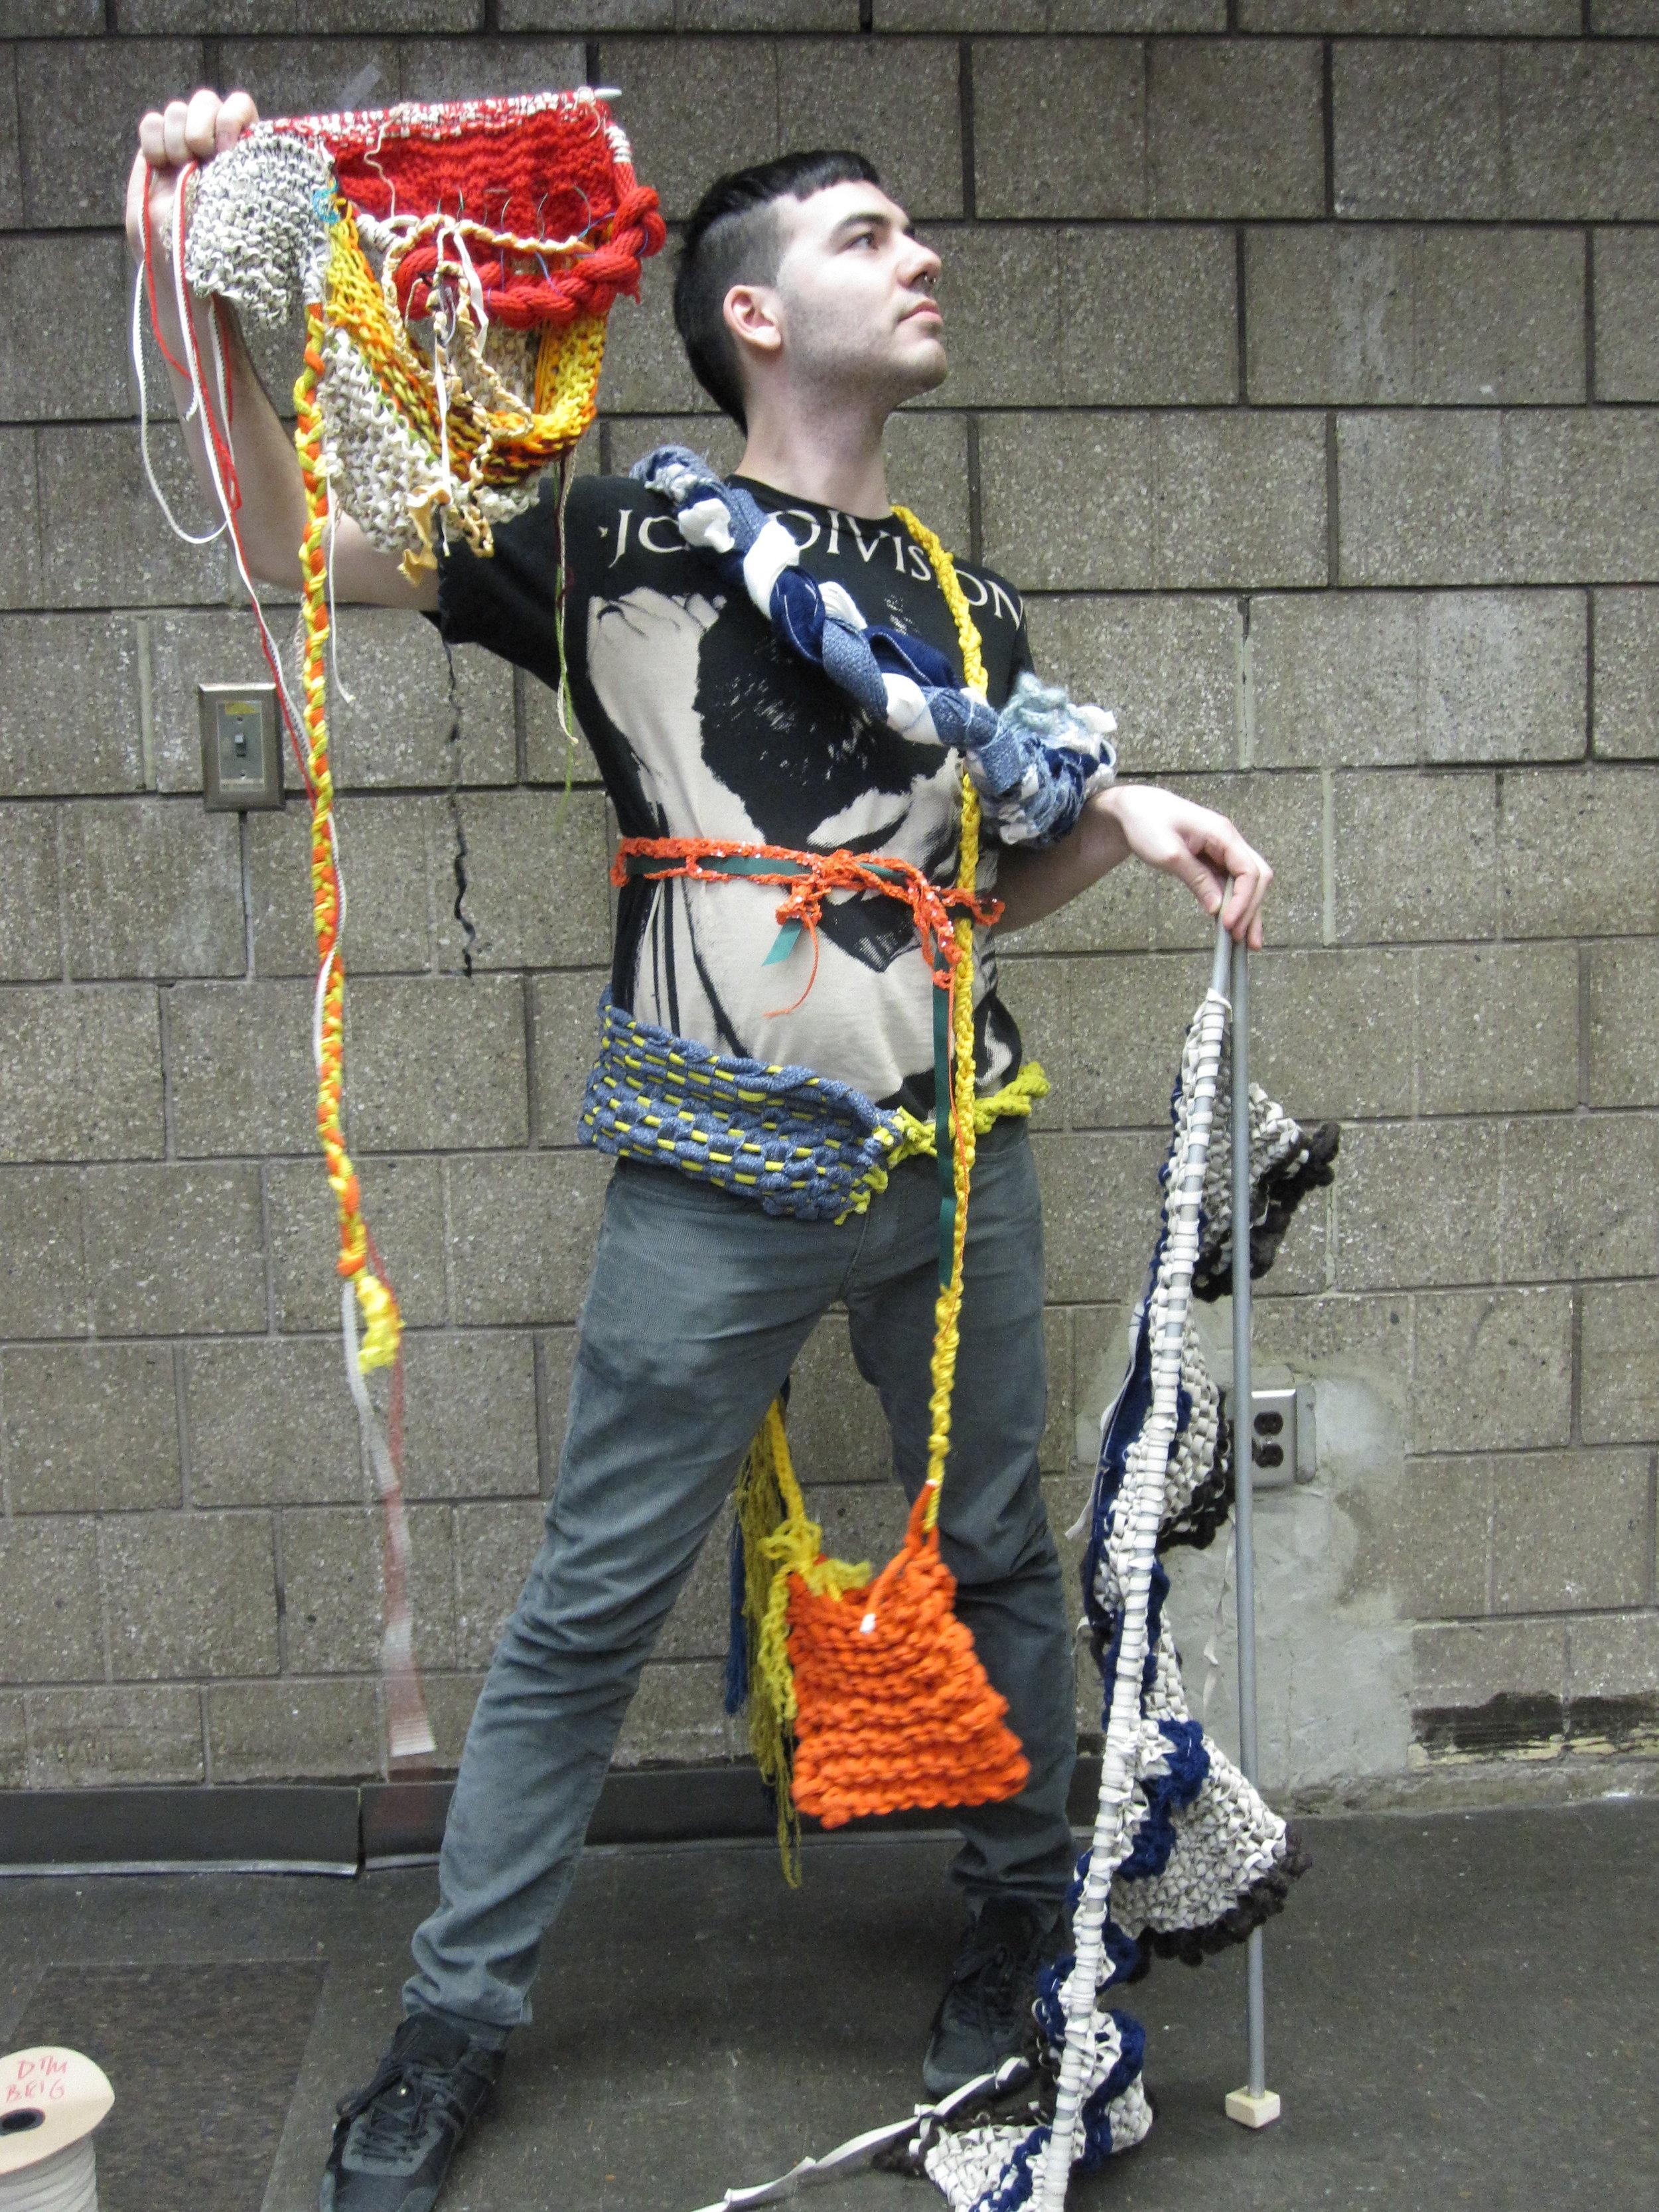 knittingmarathon10_4315249662_o.jpg